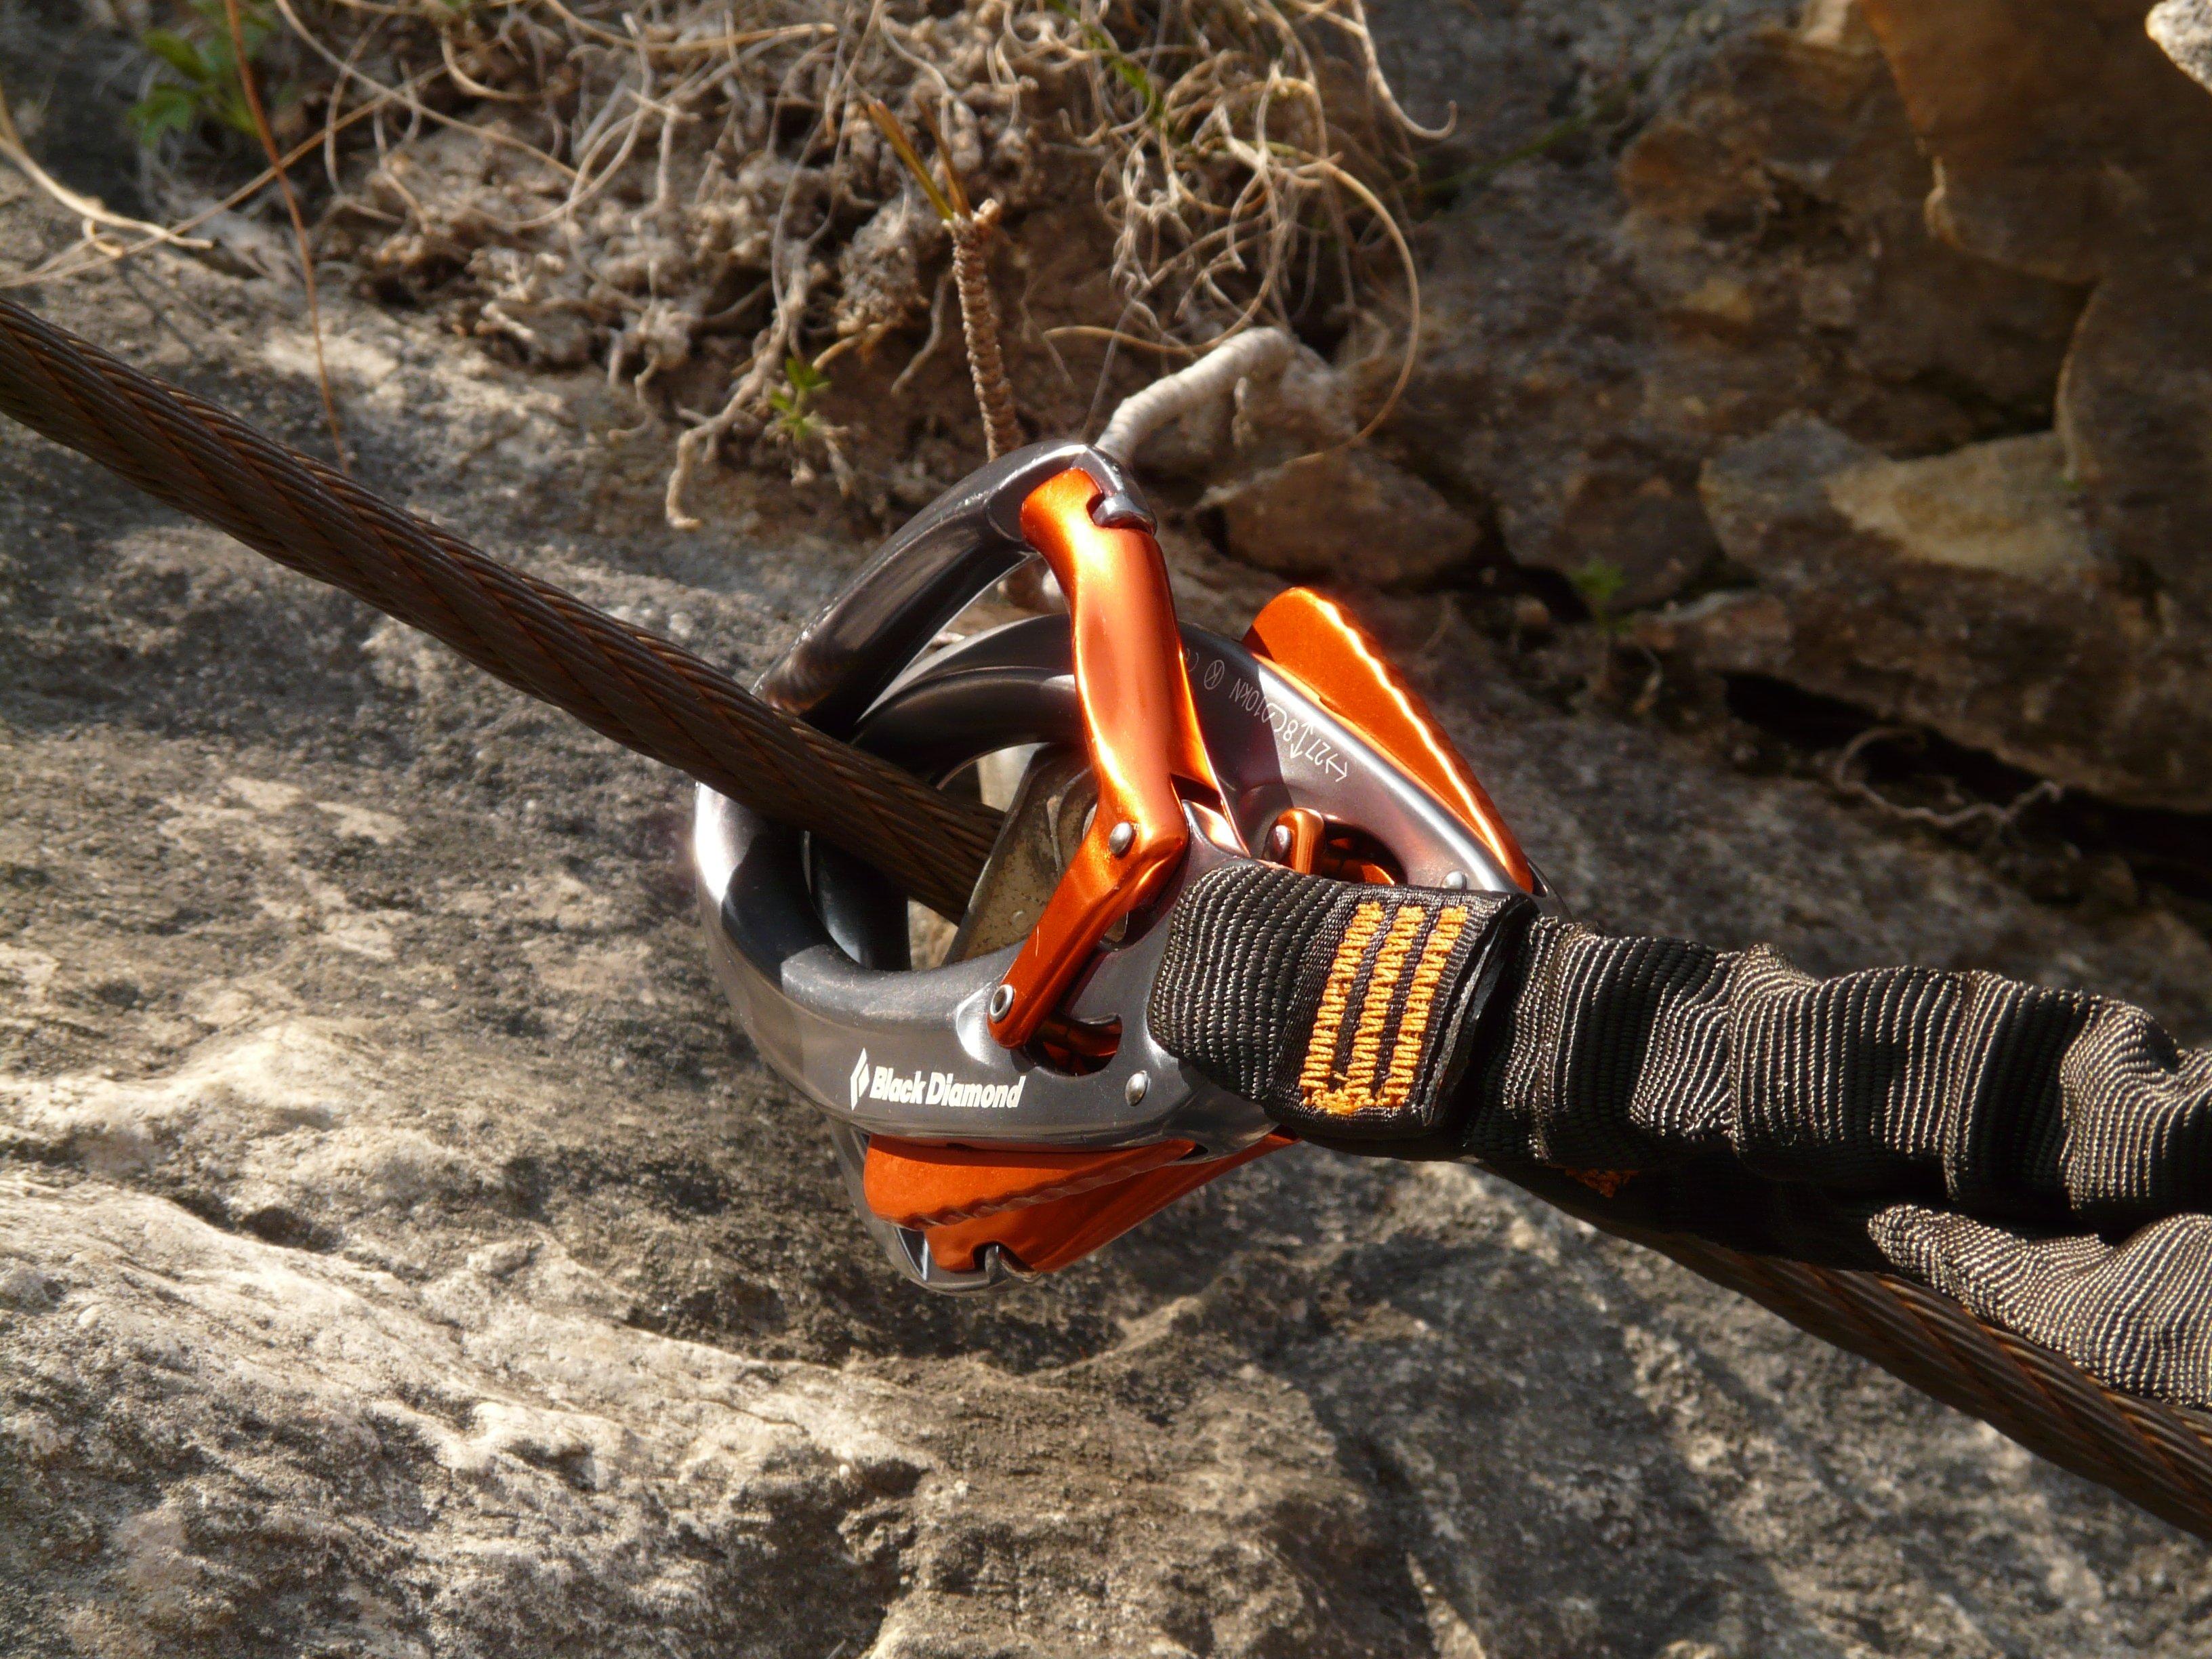 Kletterausrüstung Haken : Kostenlose foto boden klettern sicherheit haken kettensäge